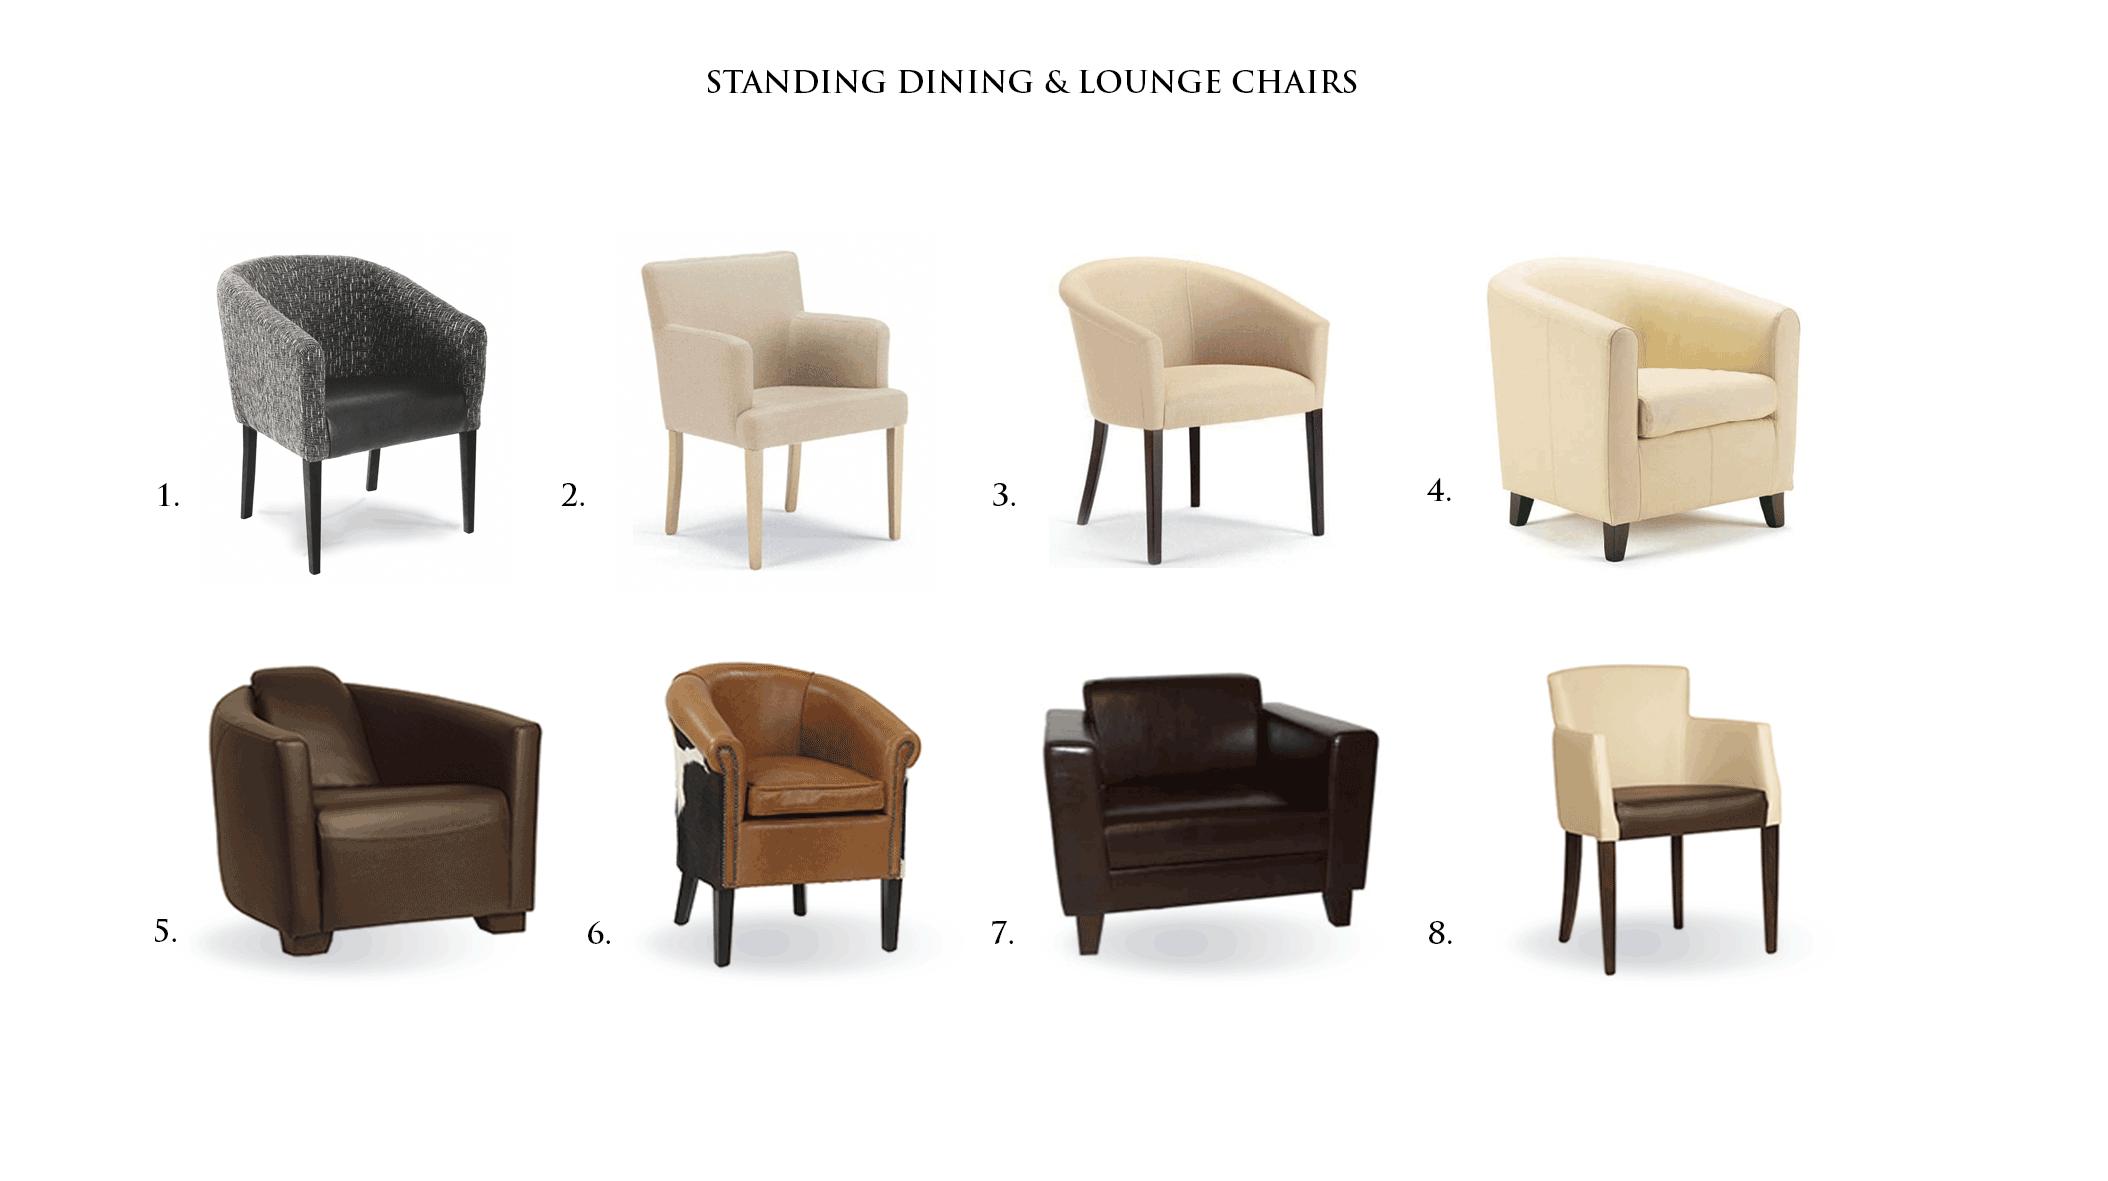 Delaneys-Outdoor-Furniture-Bespoke2-2108x1181 (1).png